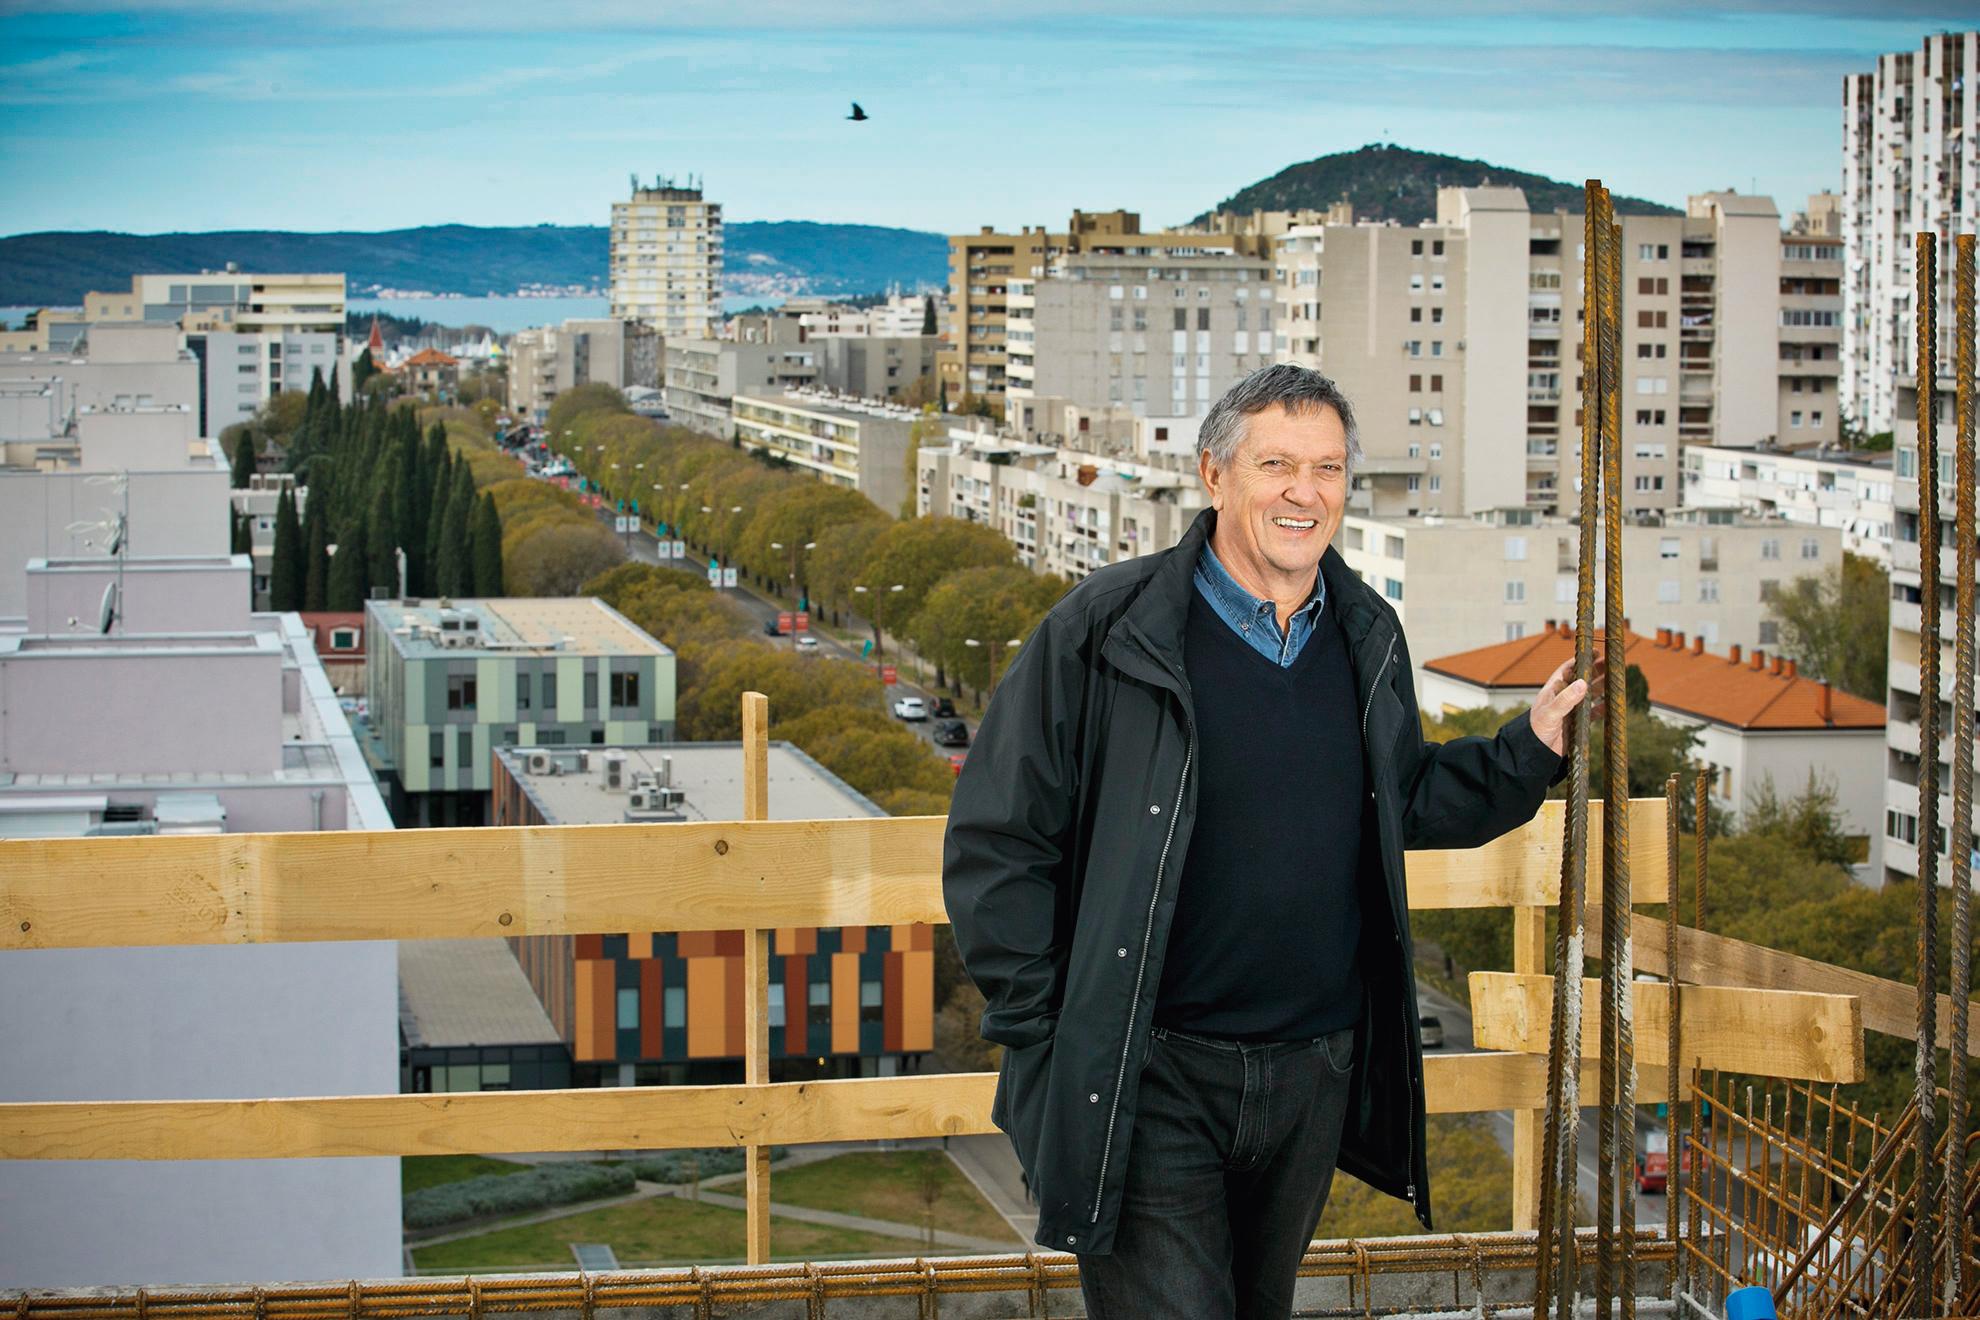 Ante Kuzmanić